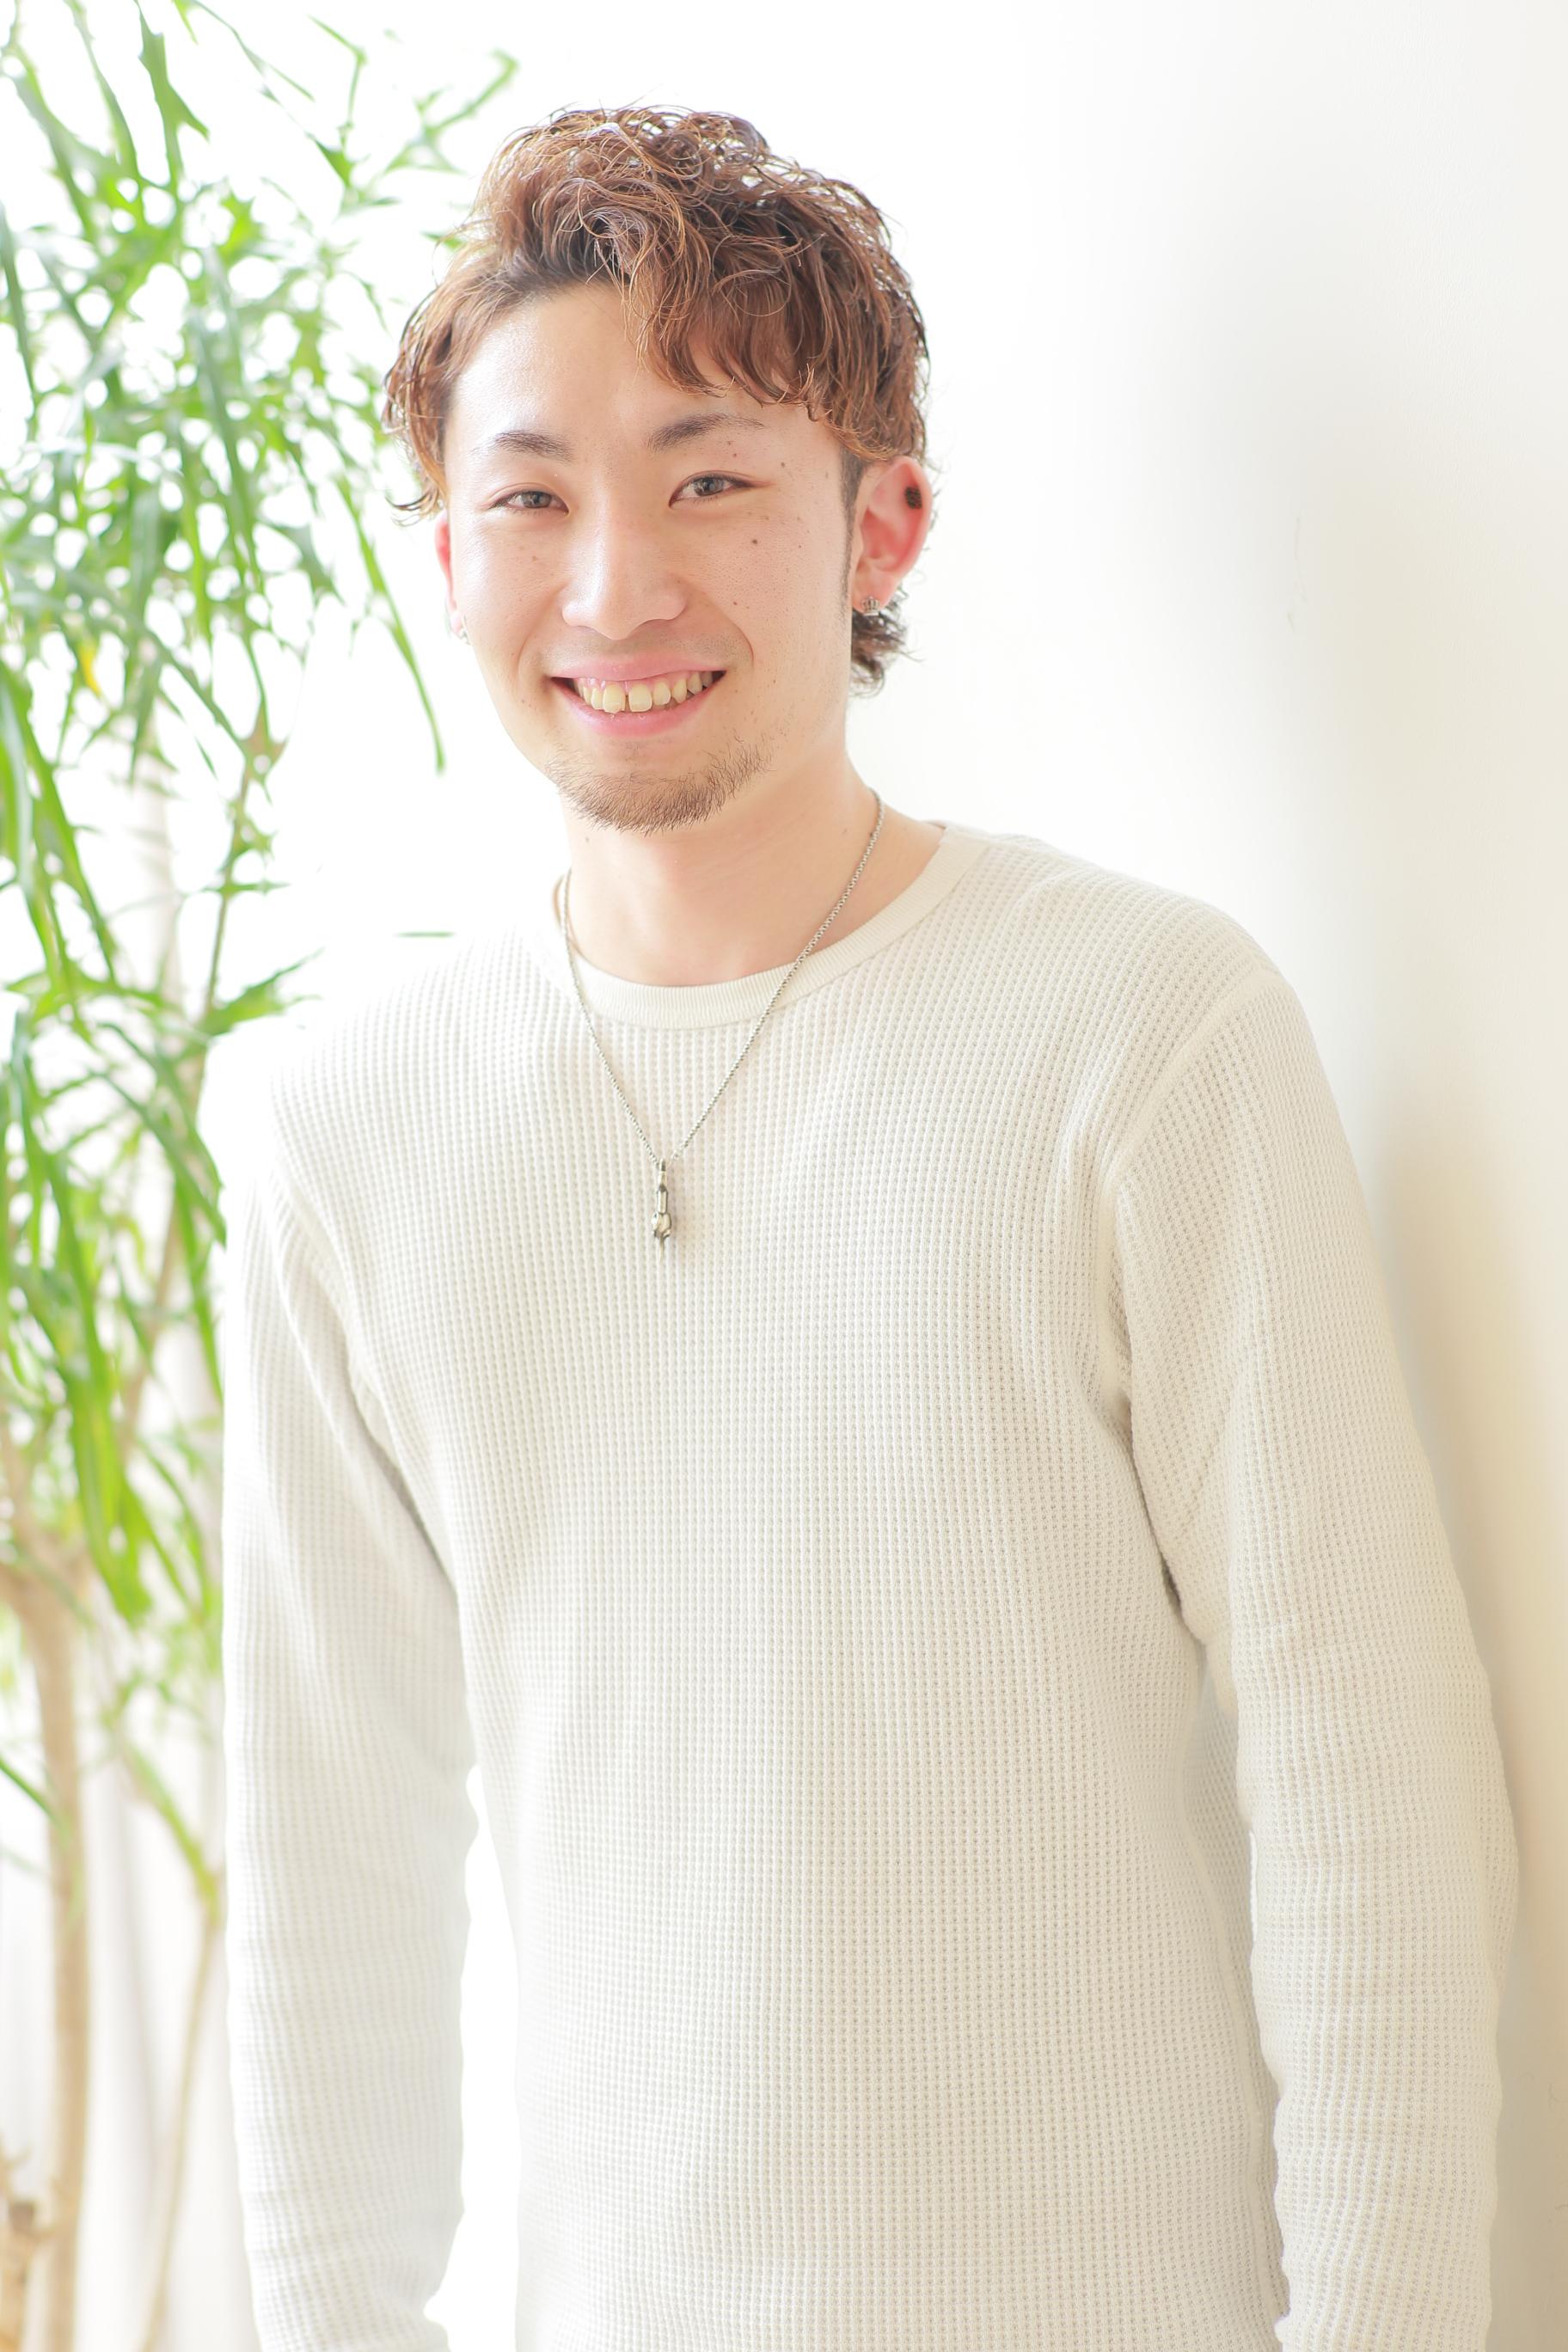 中嶋健人 けんてぃー美容師